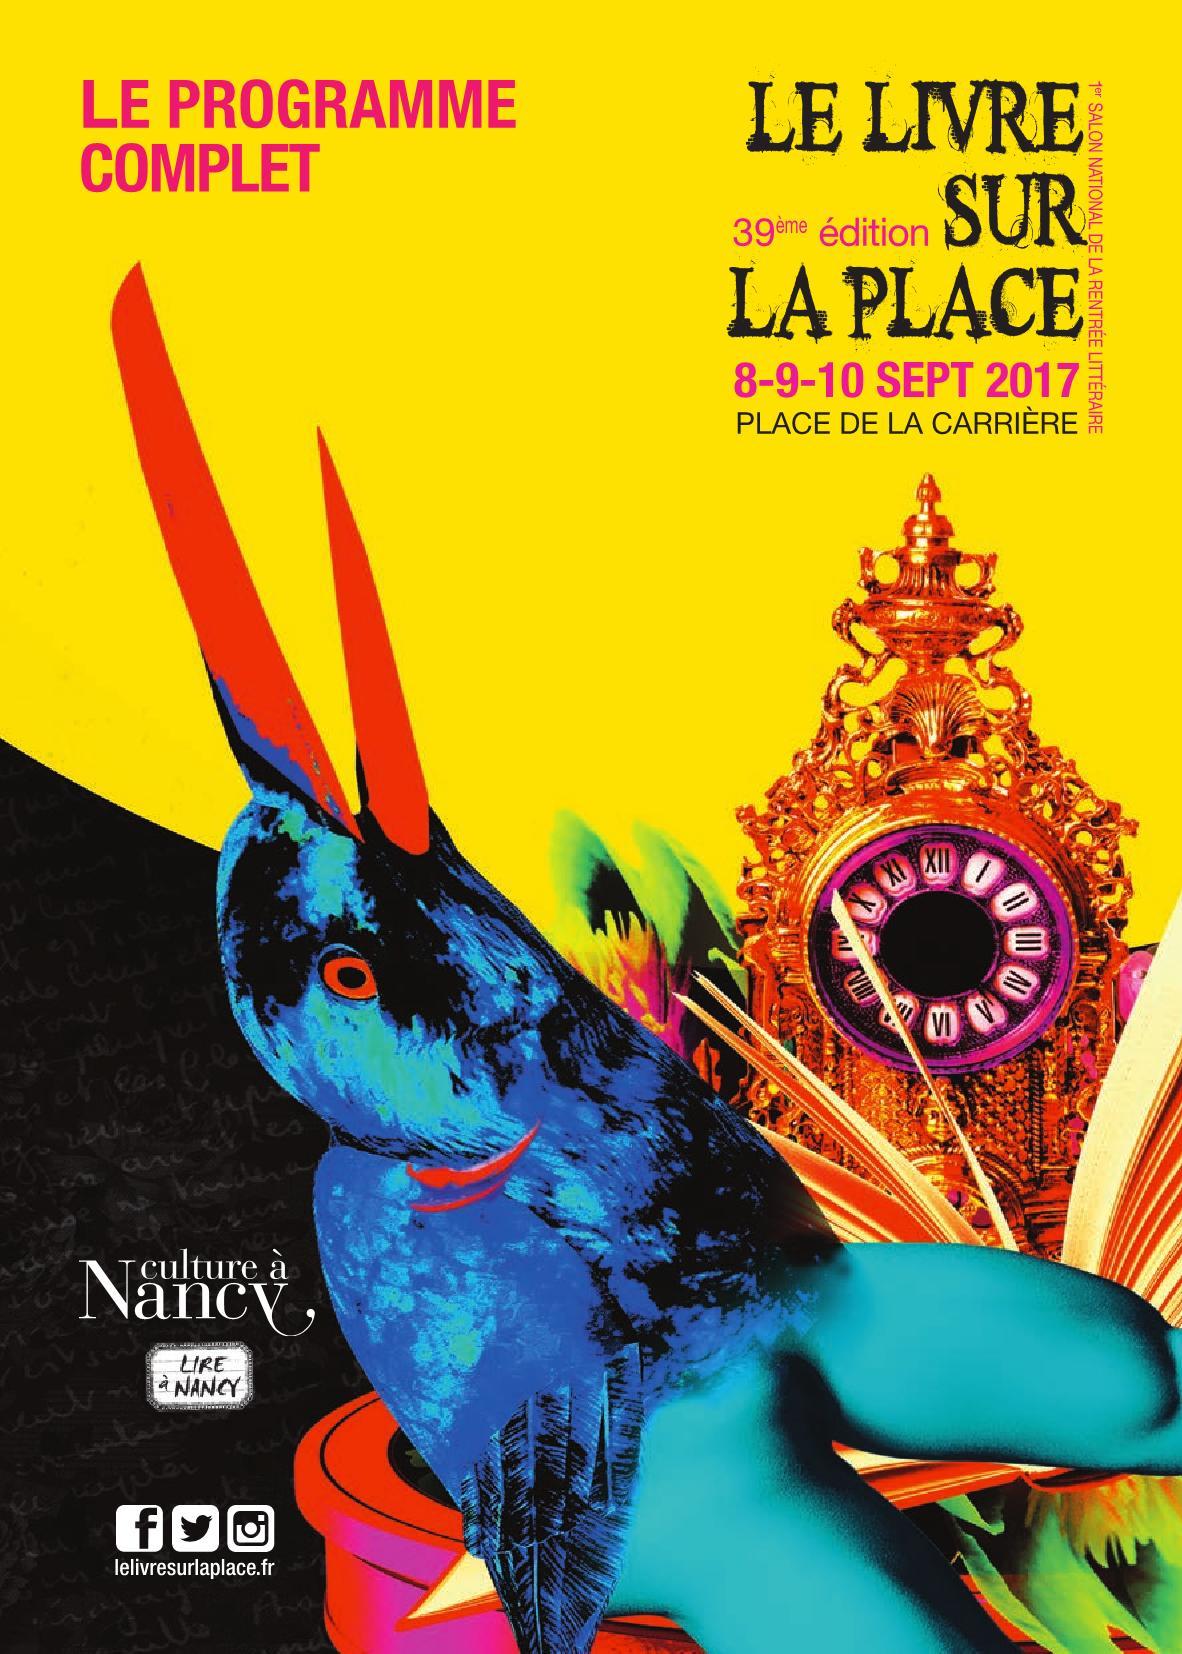 Livre sur la Place Nancy 2017